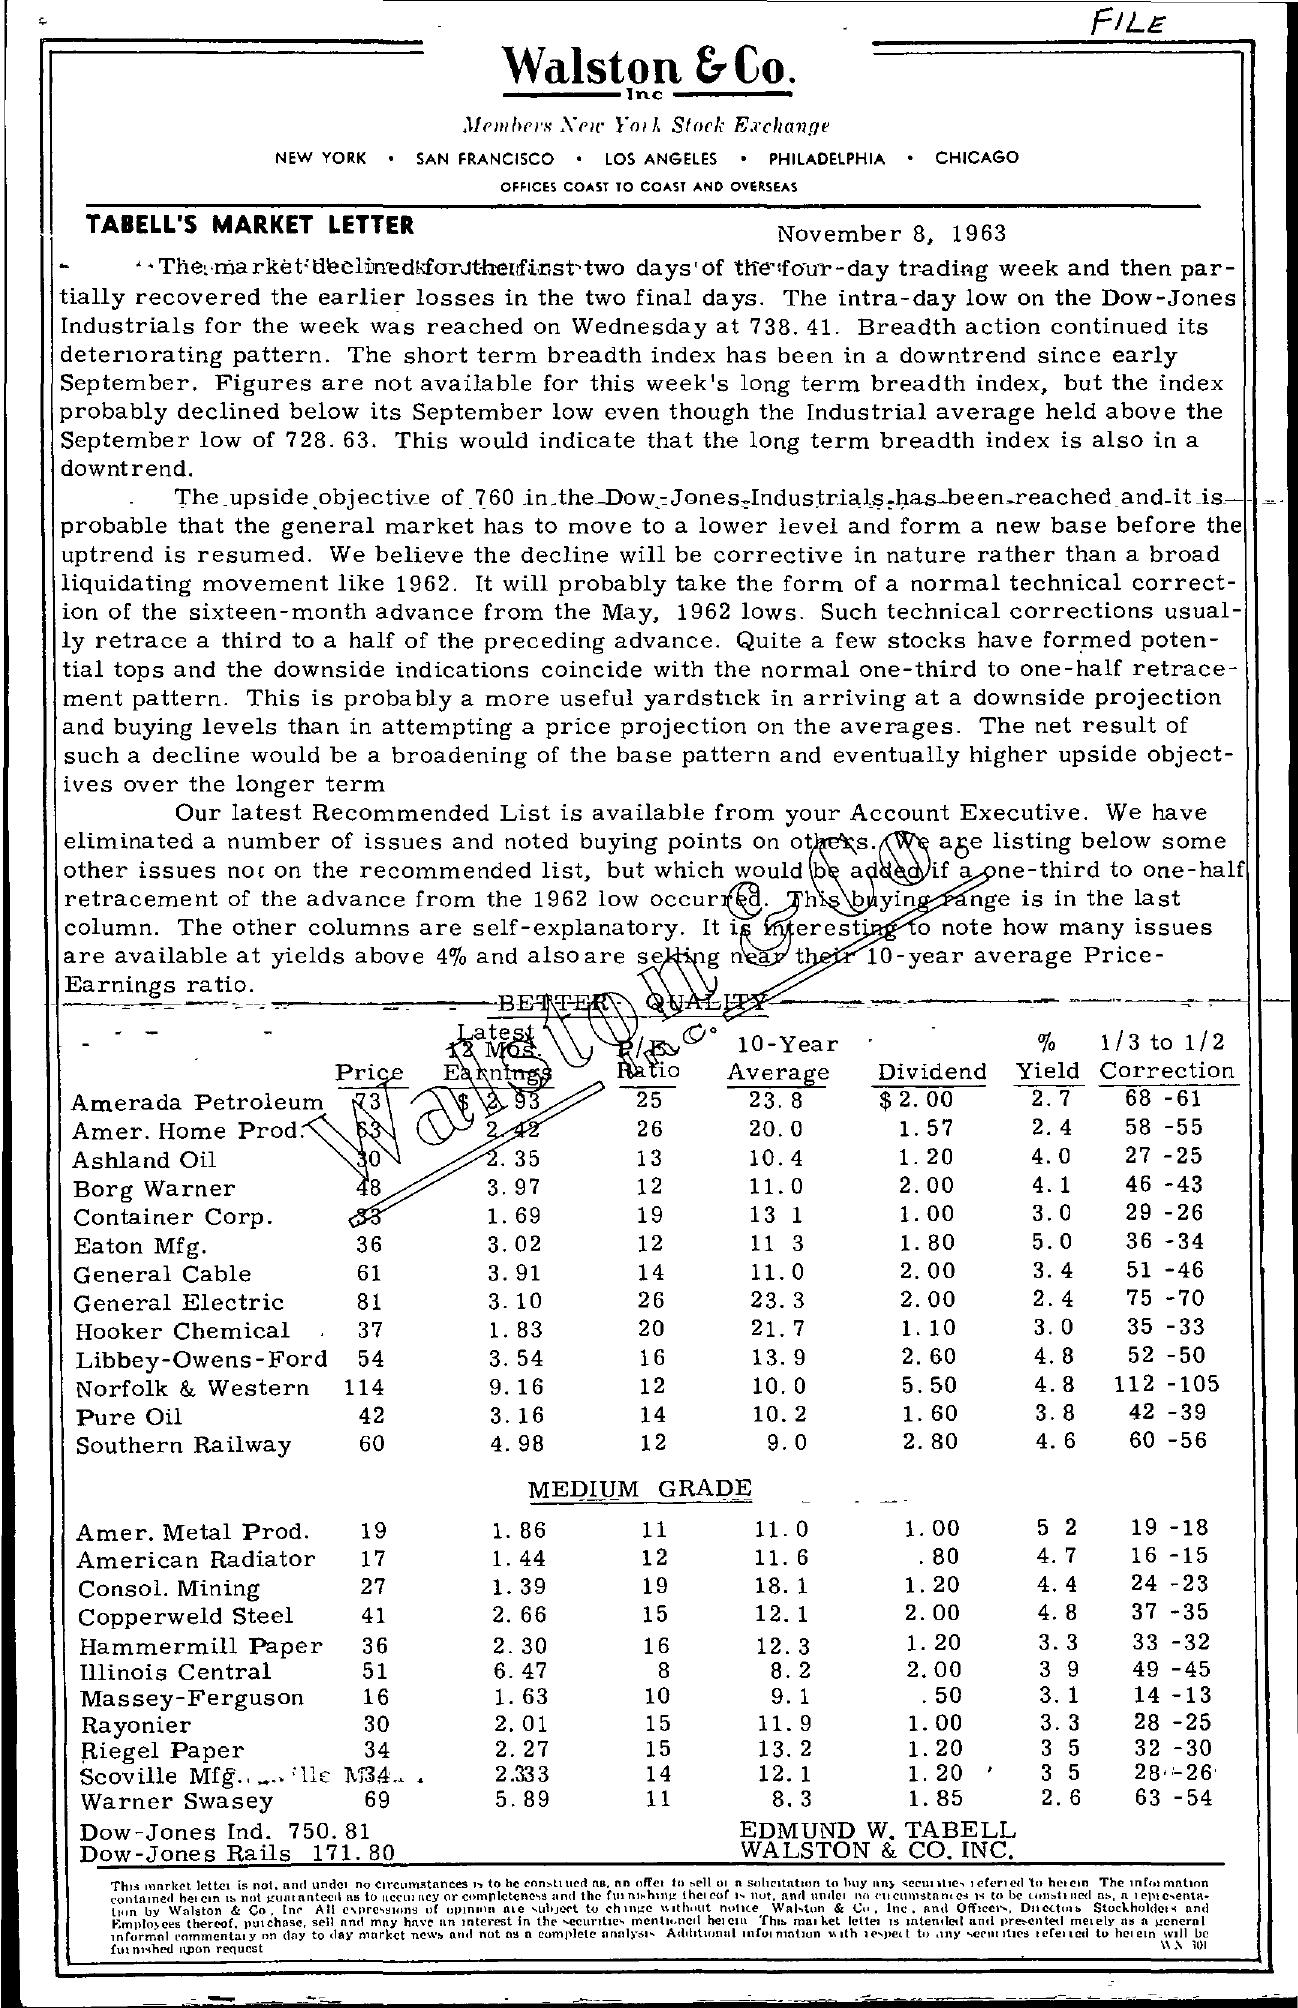 Tabell's Market Letter - November 08, 1963